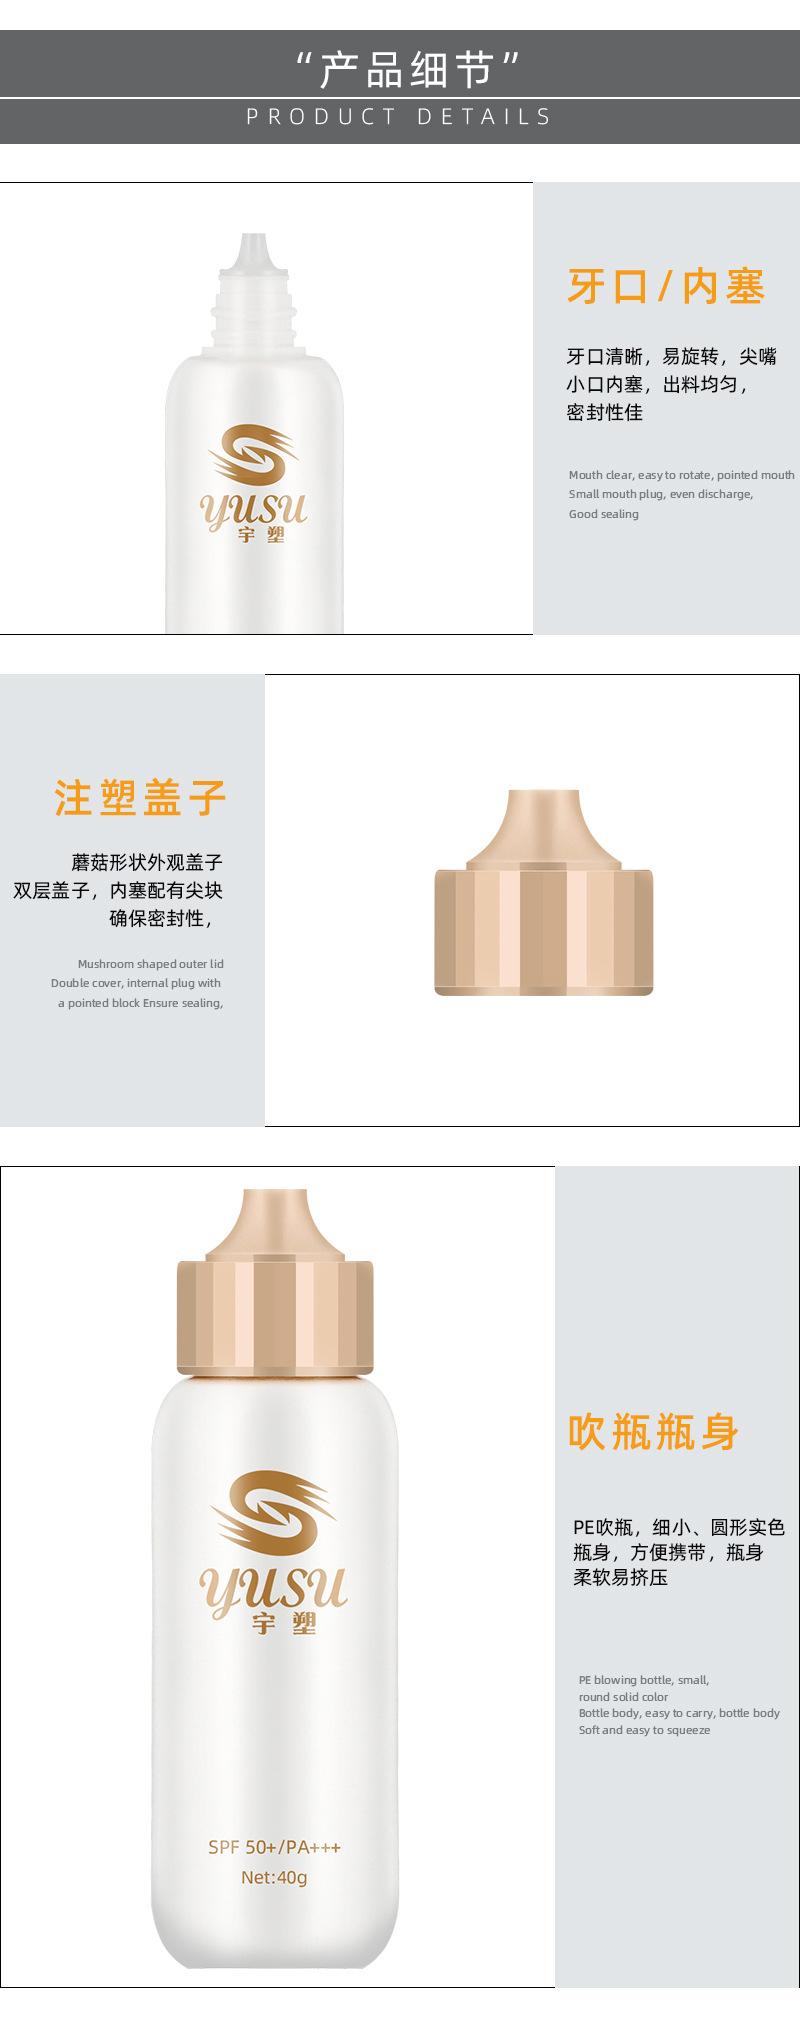 实色BB霜吹瓶产品细节